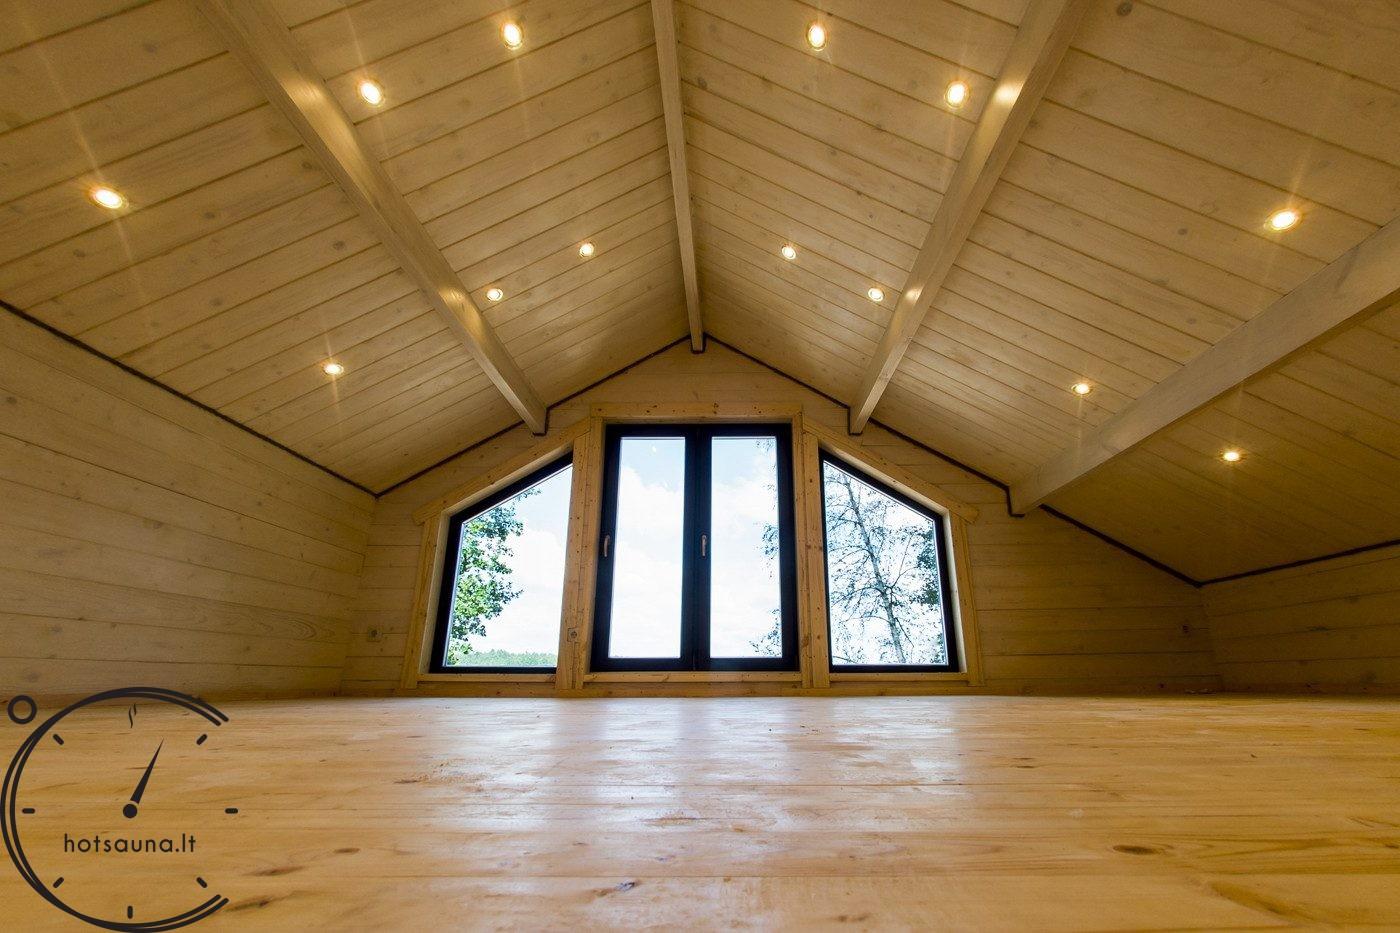 sauna for sale außerhalb der (29)